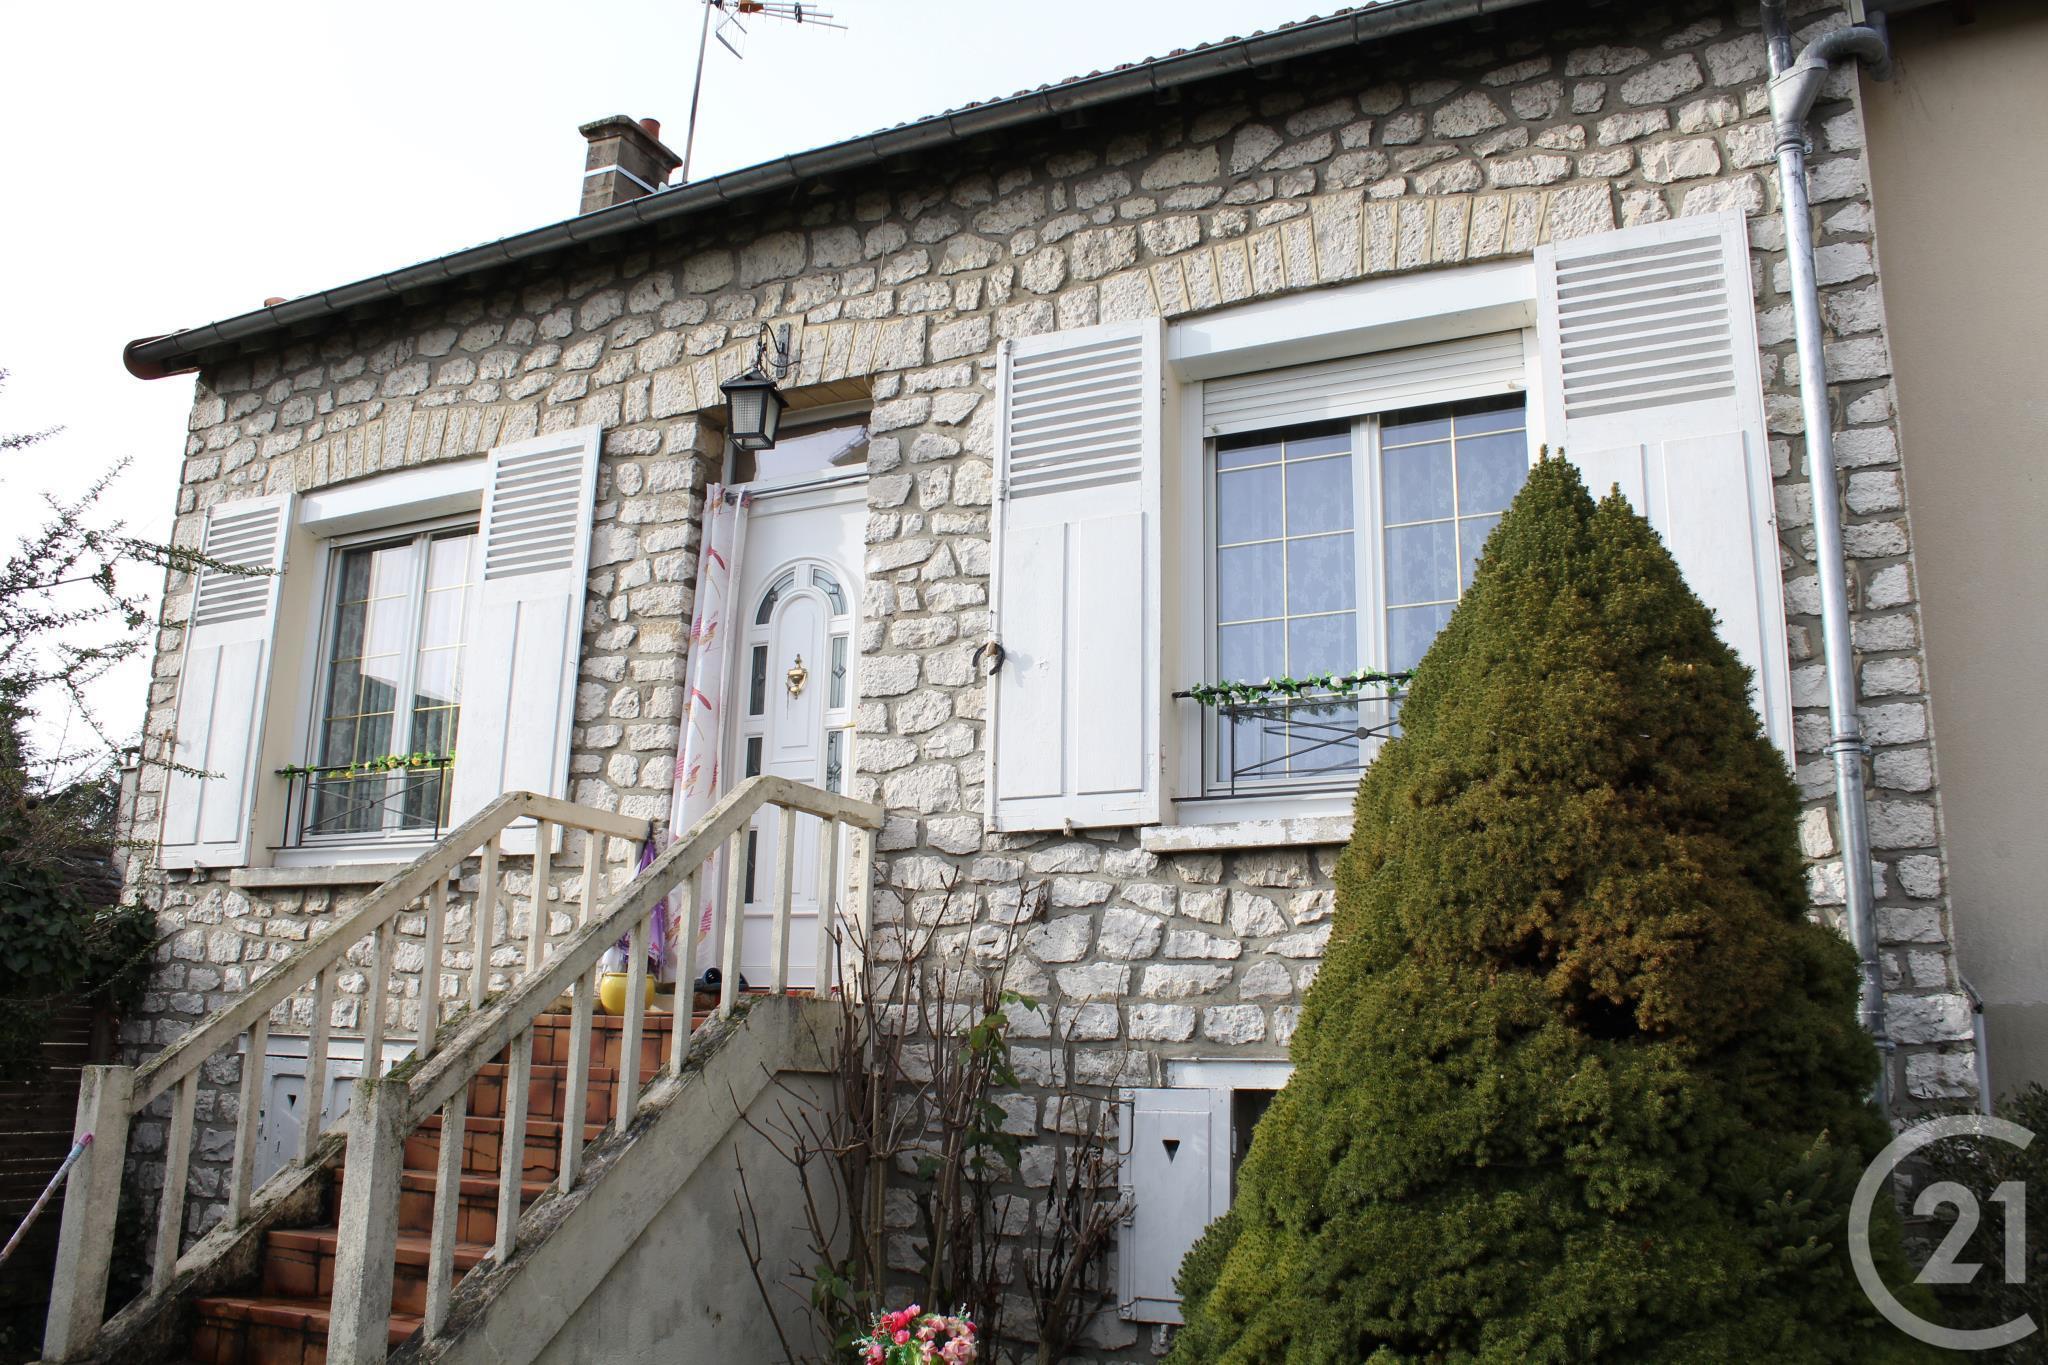 5f5ca8e8115668 Maison 6 pièces à vendre – NEMOURS (77140) – Ref. 19560   CENTURY 21